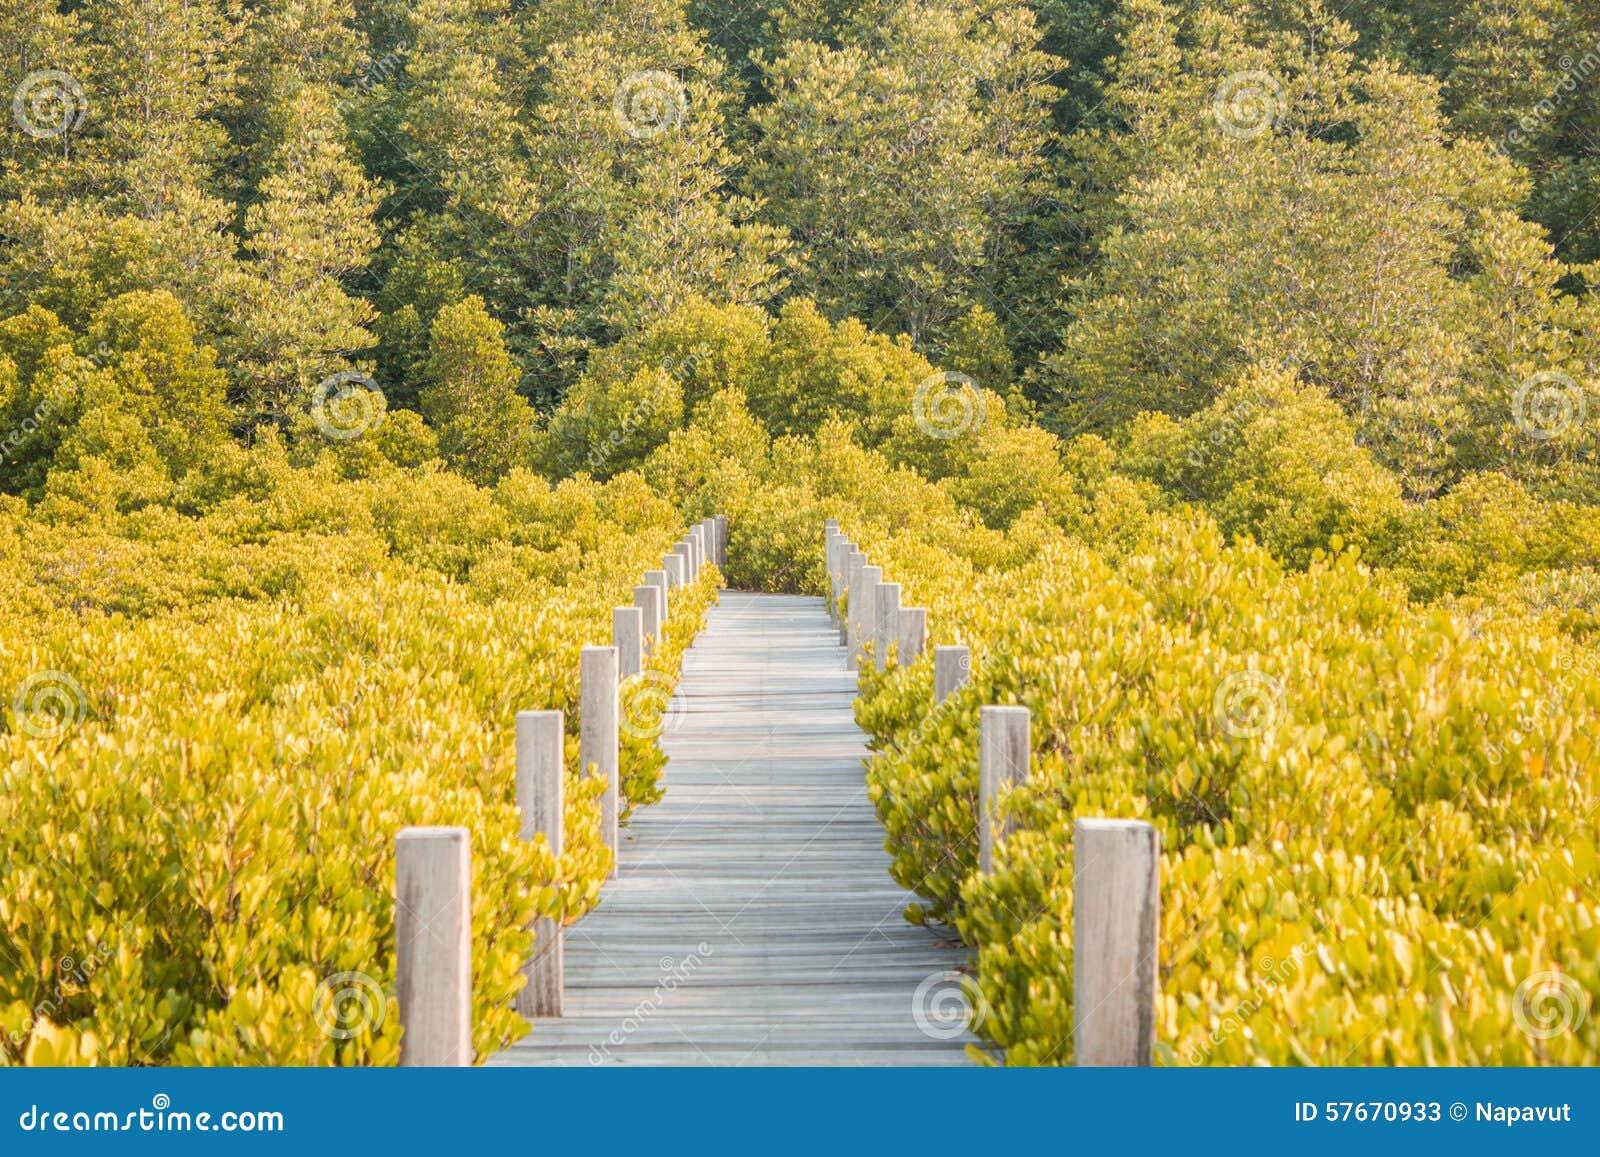 Niebieska spowodowana pola pełne się chmura dzień zielonych roślin krajobrazu ruchu pokaz mały nie niebo było pszenicznym biały w